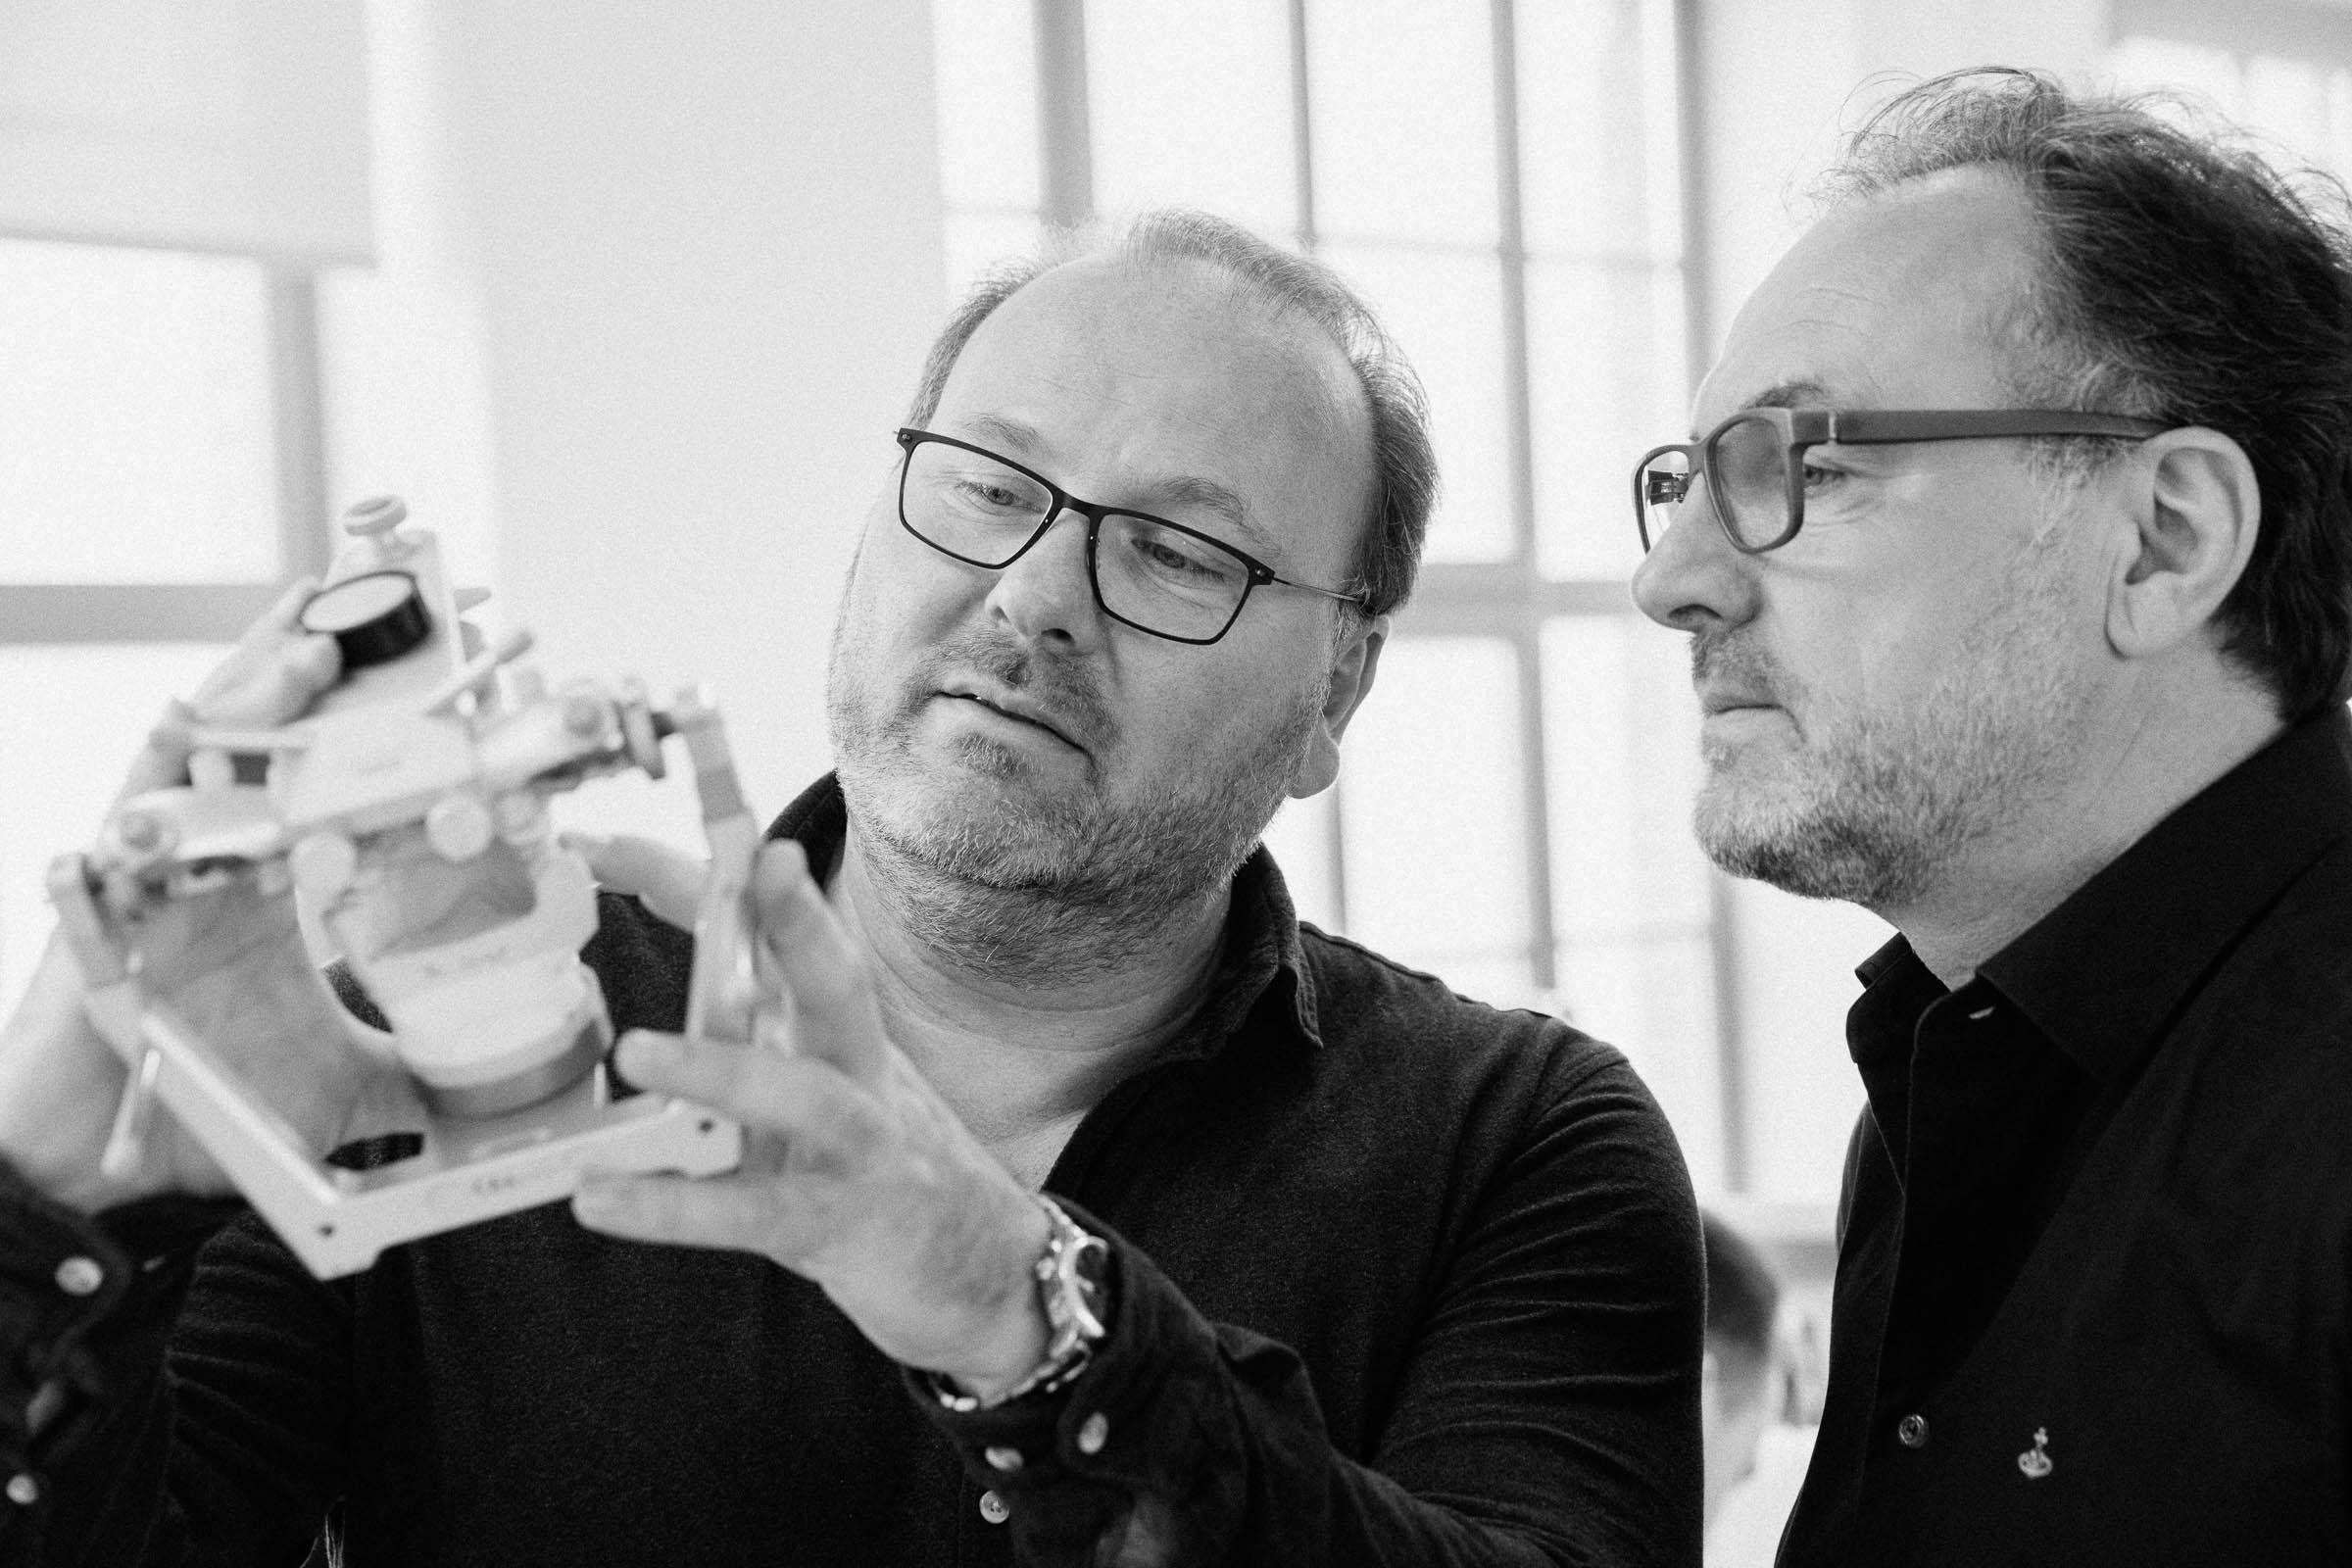 Andree und Ralf Barsties, Spezialist für ästhetische und funktionelle Zahntechnik